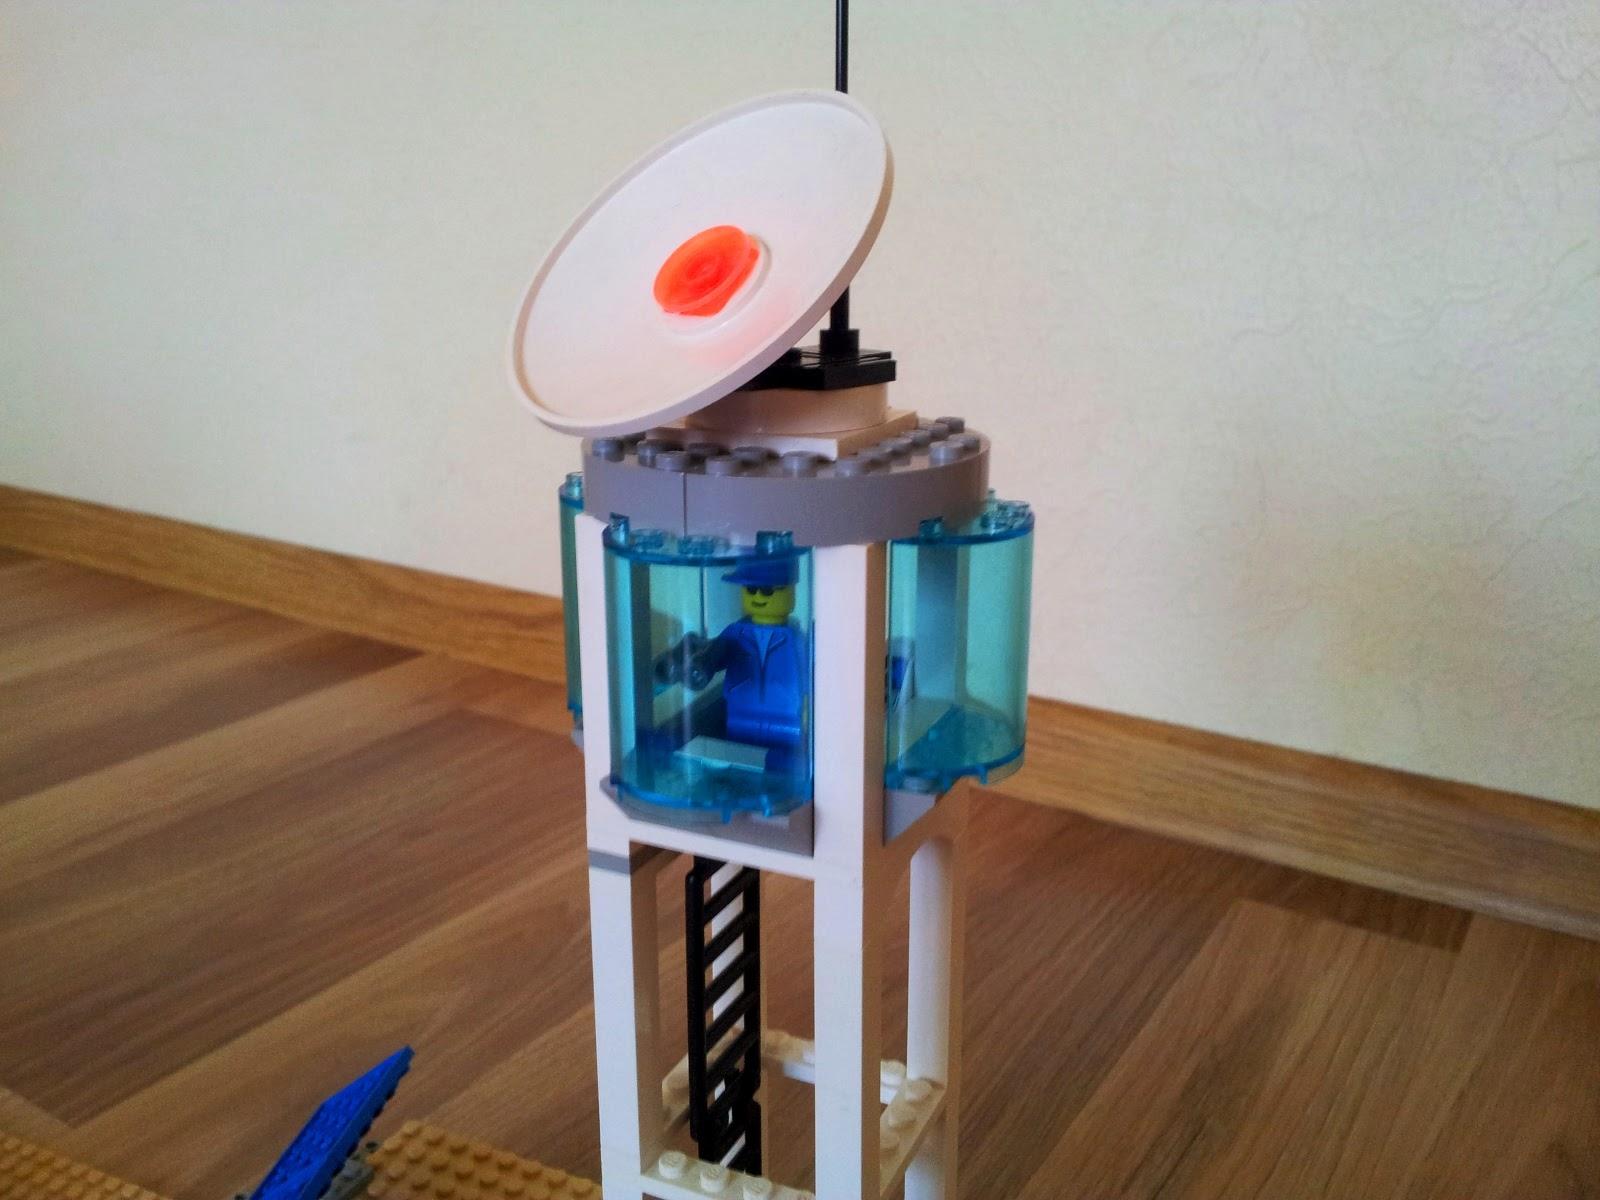 LEGO Mars base